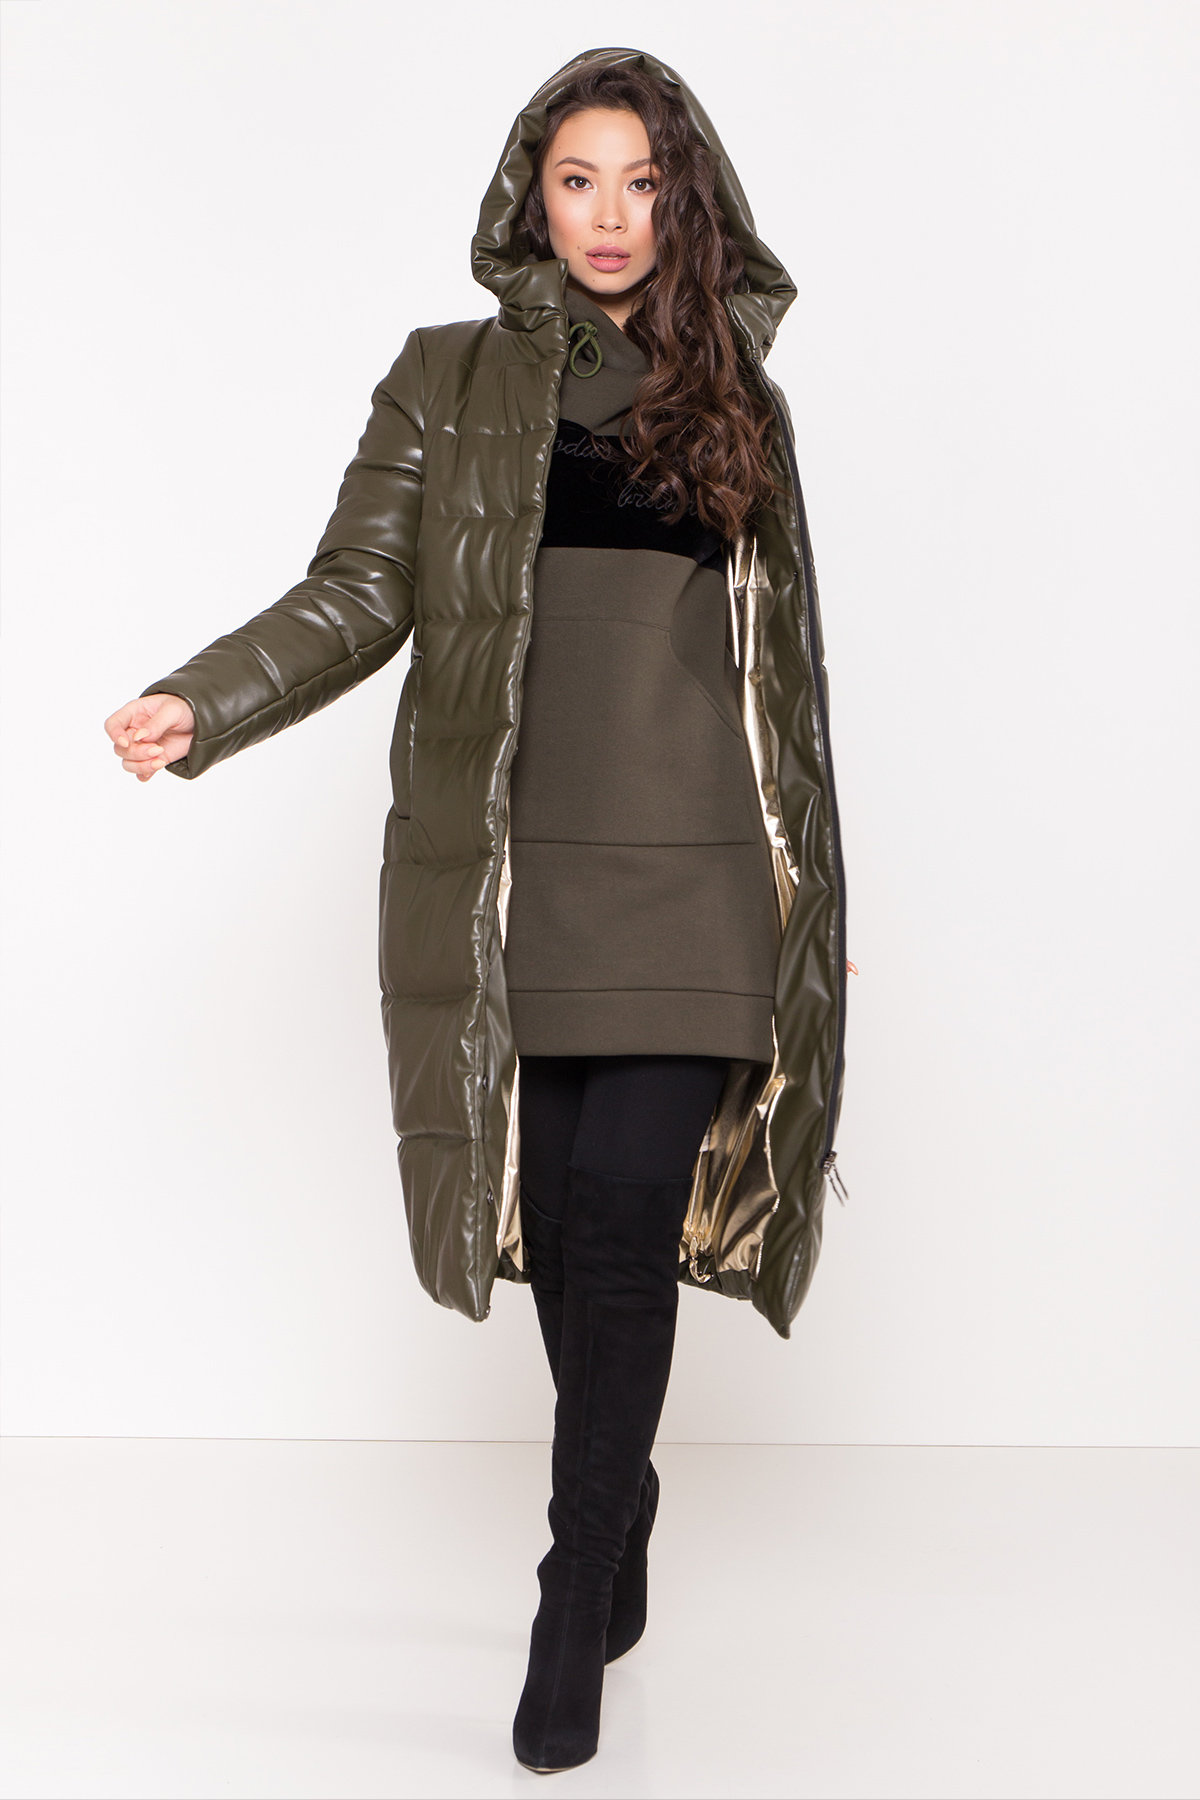 Платье худи Томми 8703 Цвет: Хаки/Черный